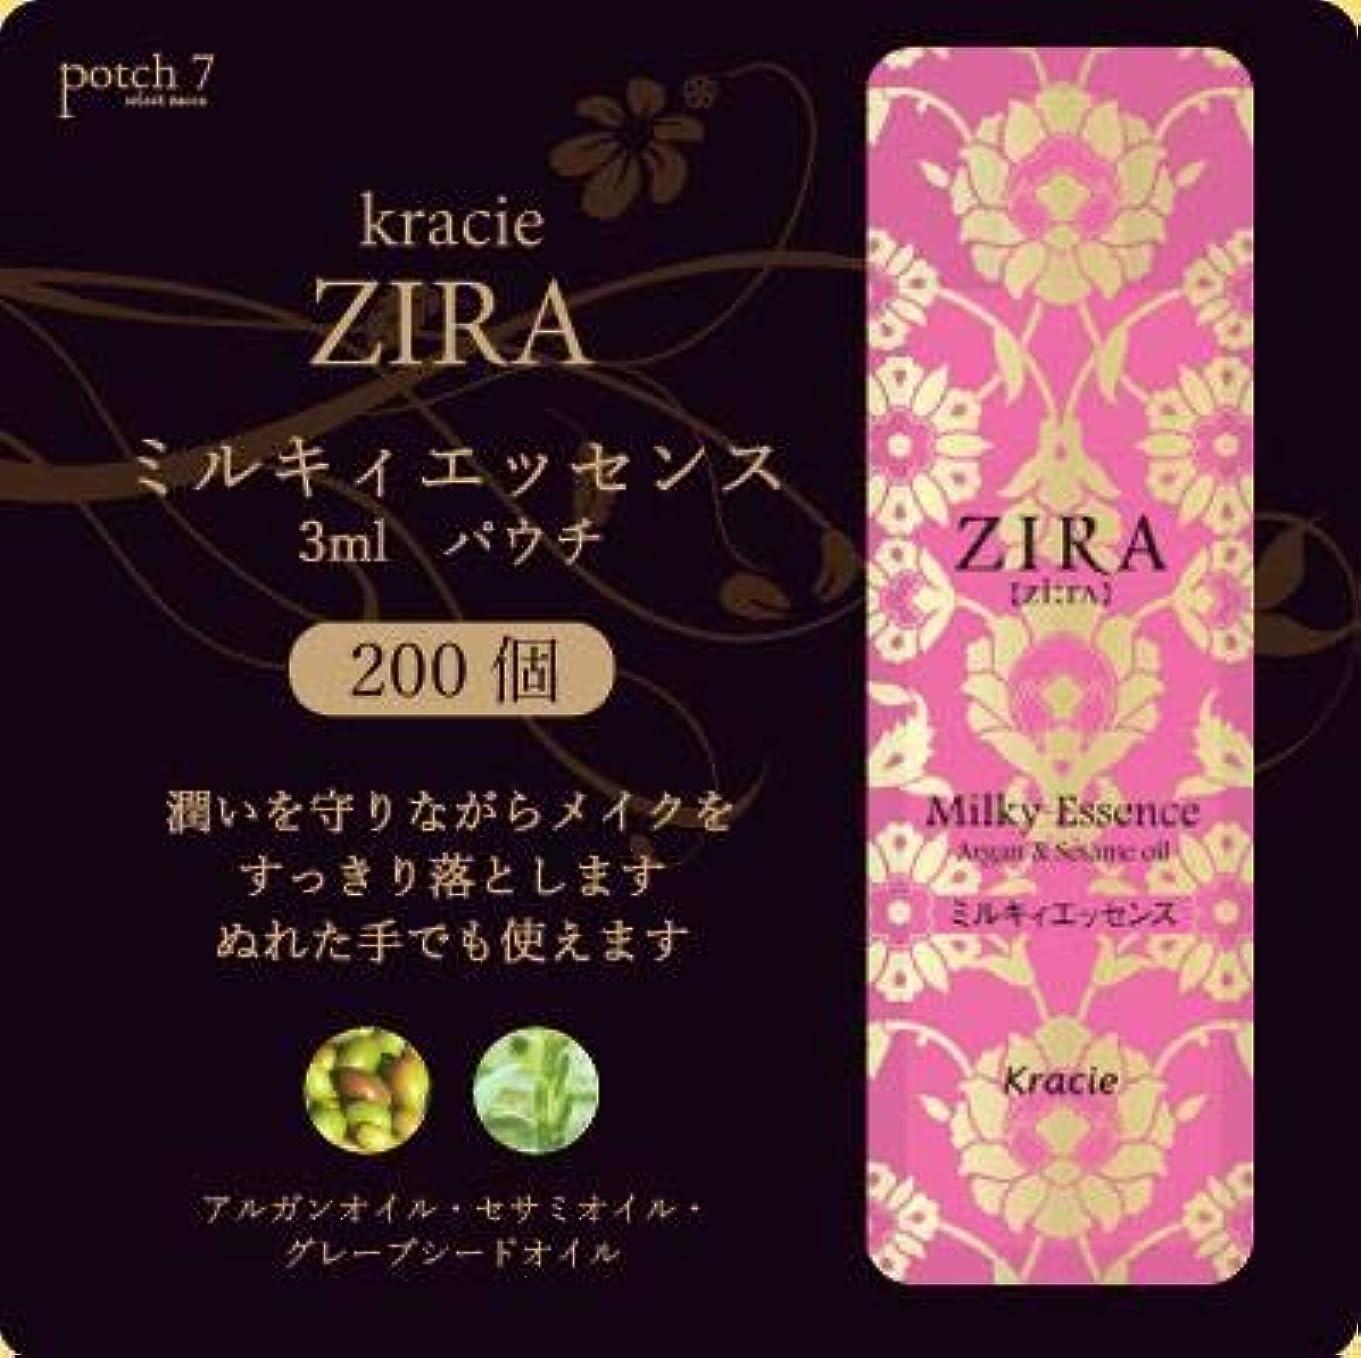 遺産報酬四半期Kracie クラシエ ZIRA ジーラ ミルキィエッセンス 美容液 パウチ 3ml 200個入